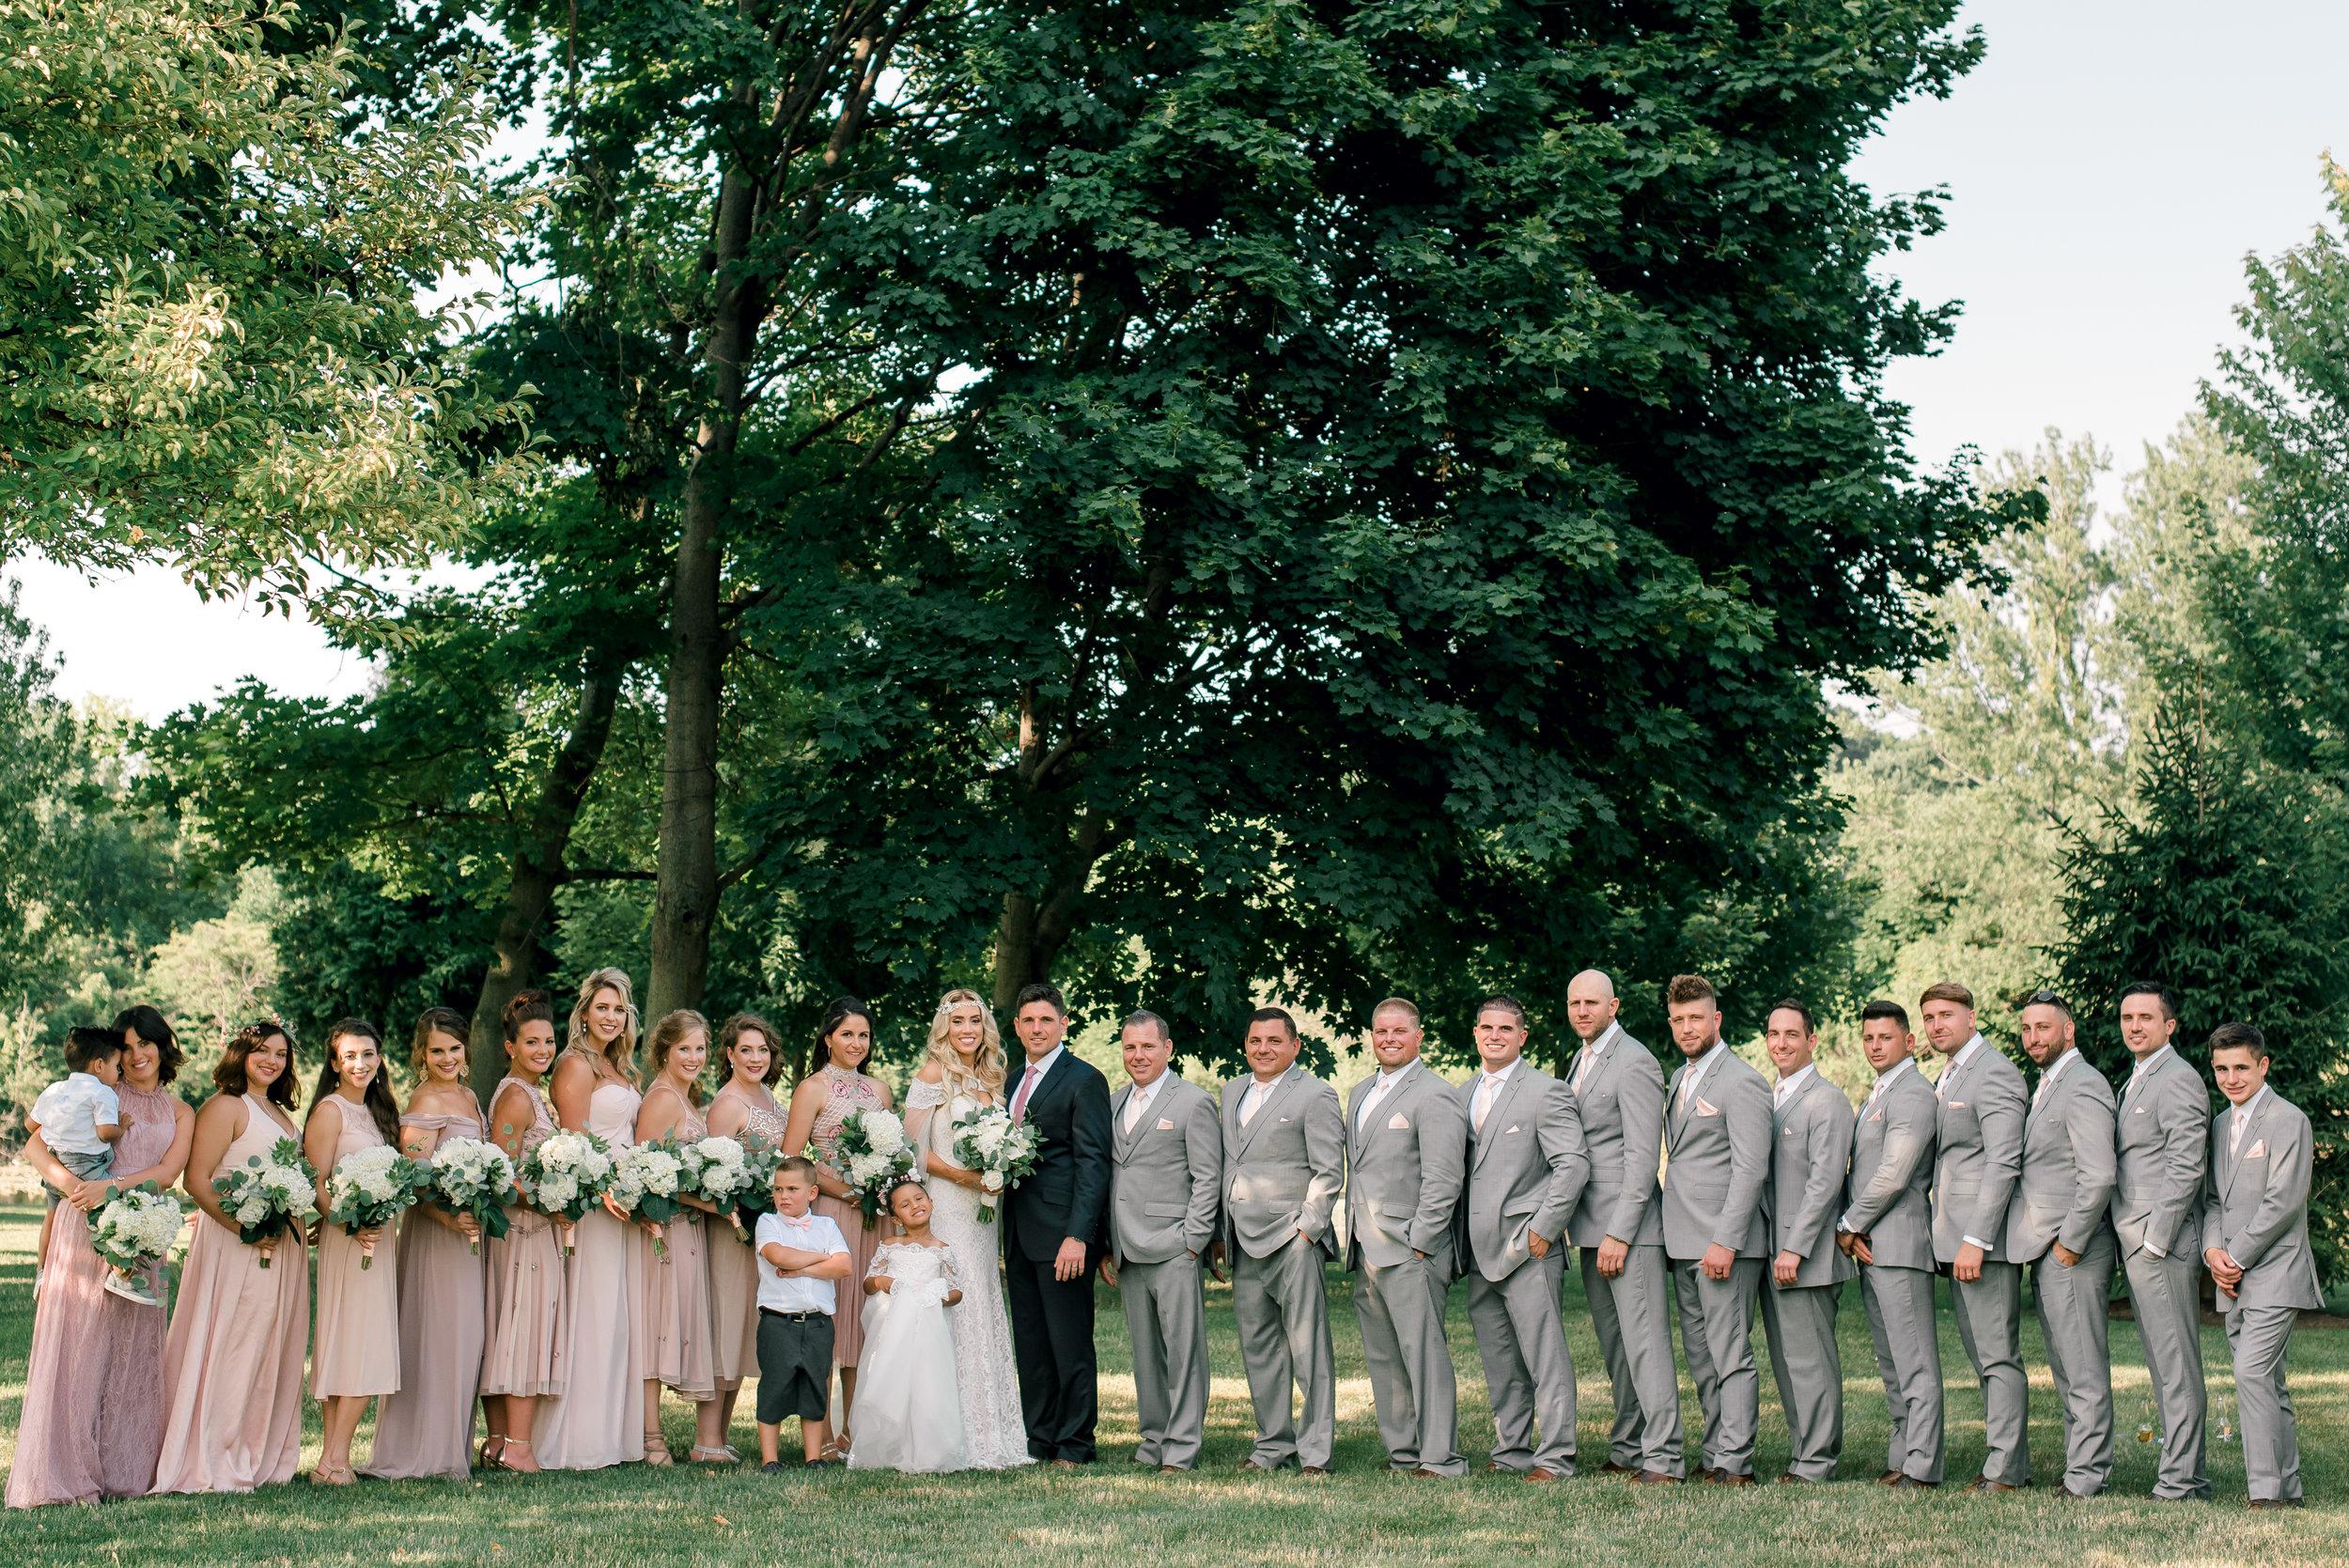 gervasi-winery-wedding-ohio-photography-26.jpg